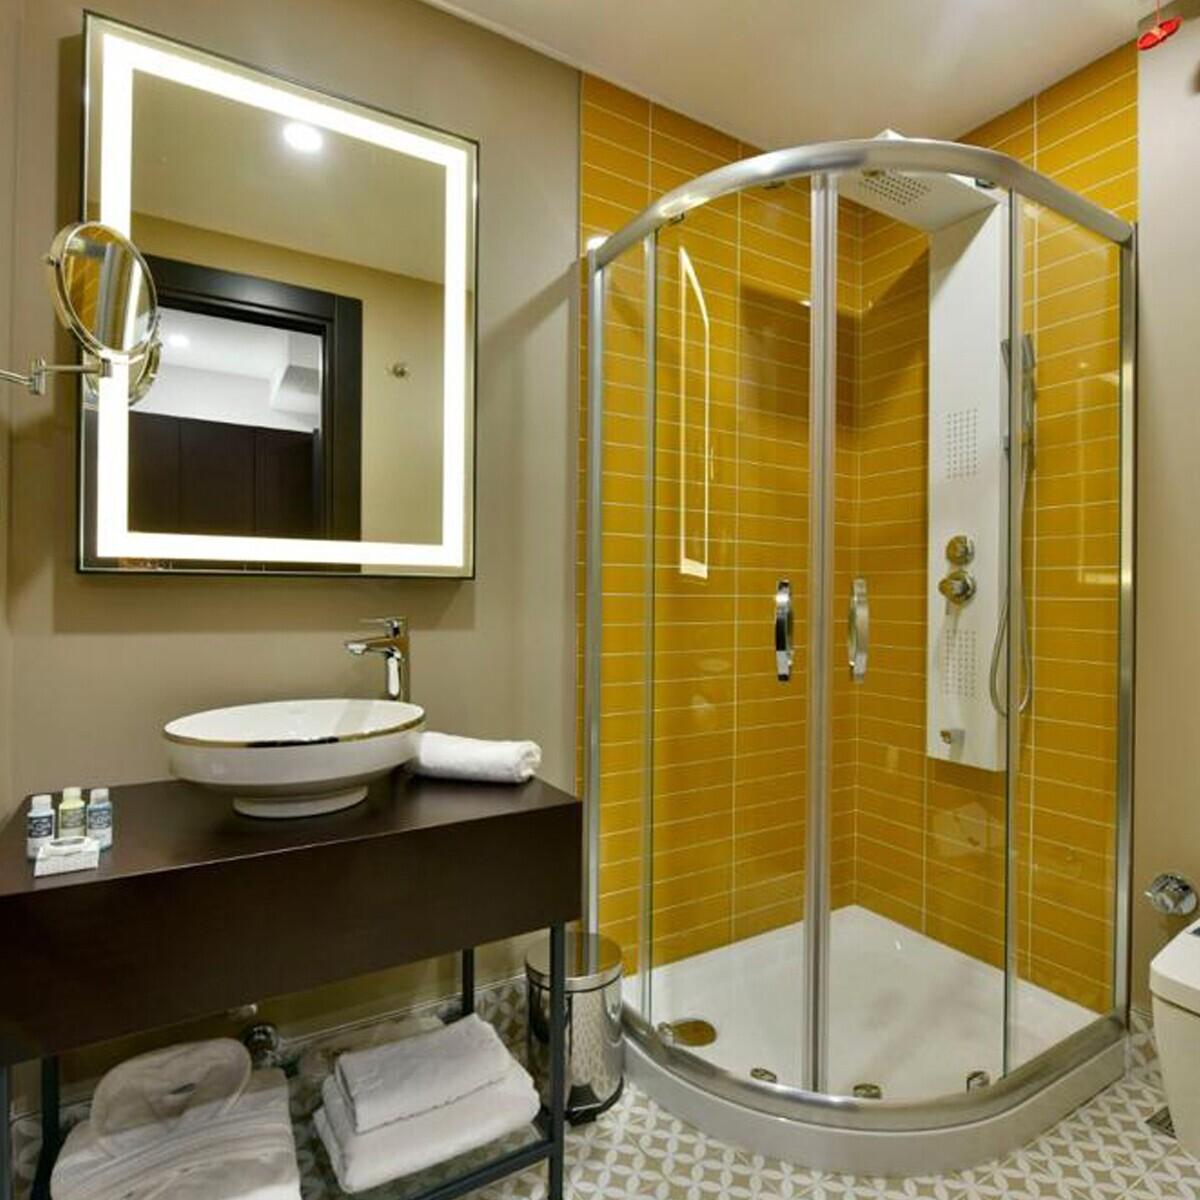 G-Han Hotel Kadıköy'de Çift Kişilik Konaklama